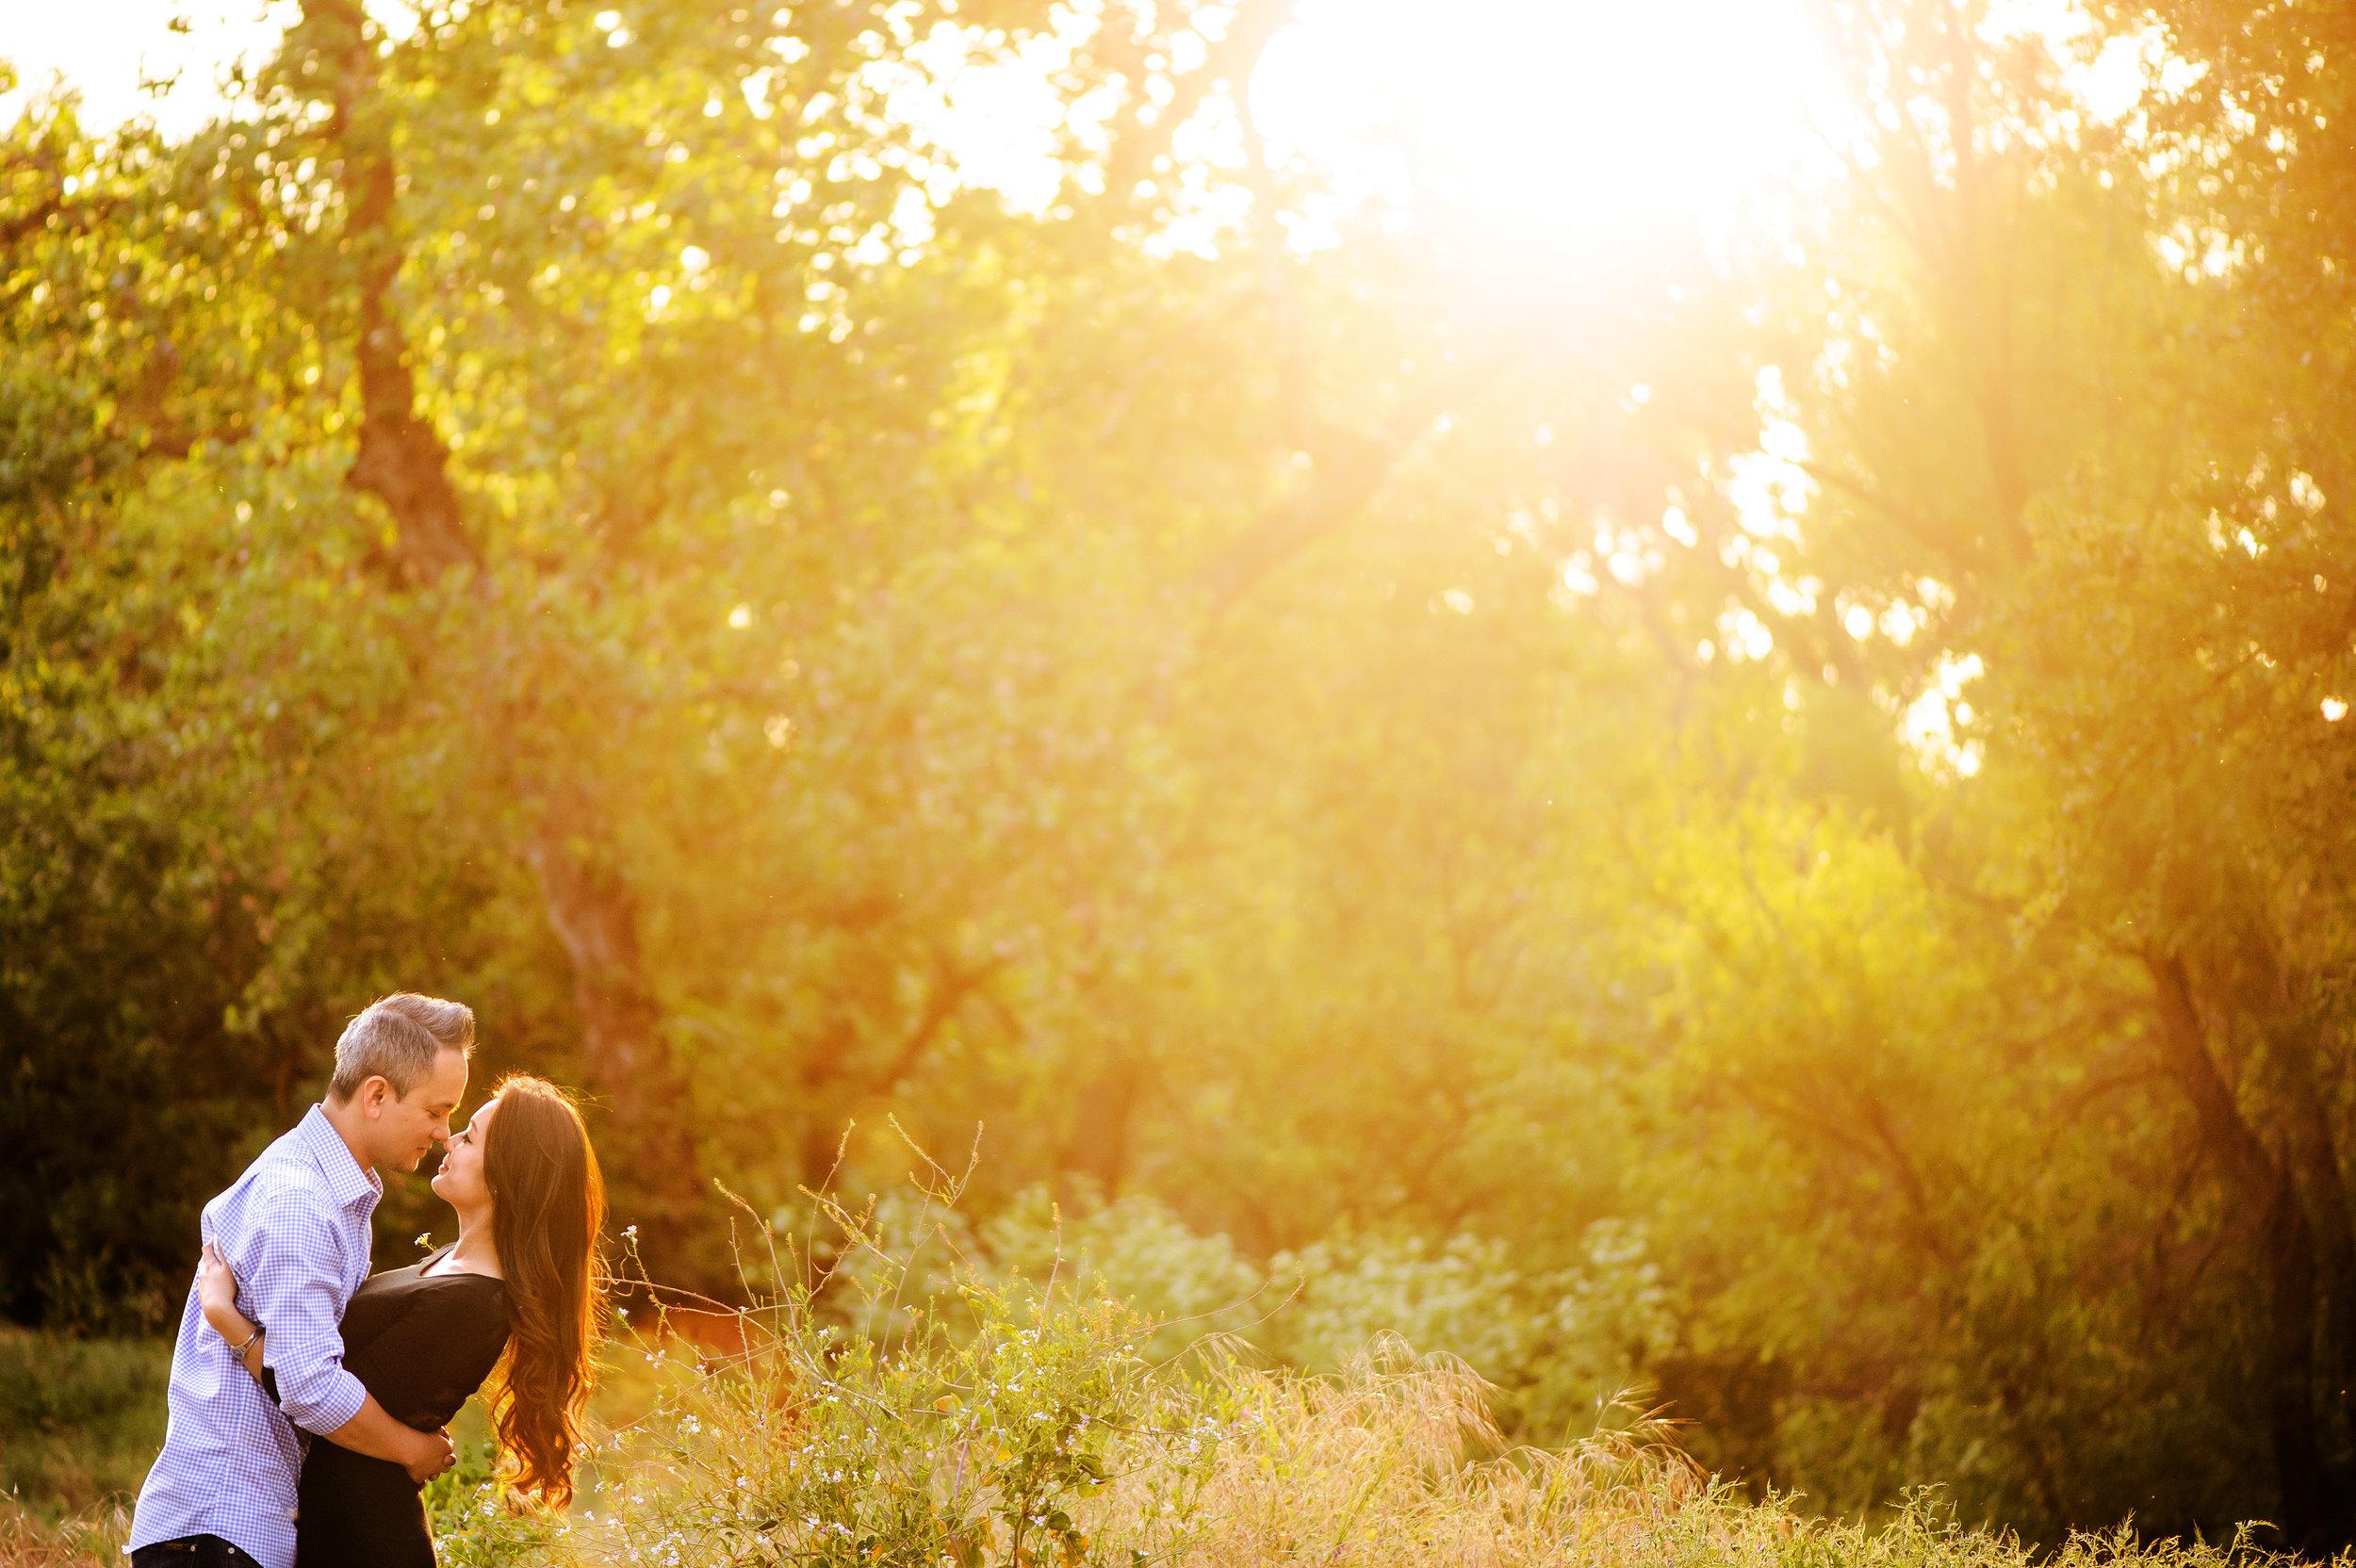 camilla-thuy-022-engagement-sacramento-wedding-photographer-katherine-nicole-photography.JPG